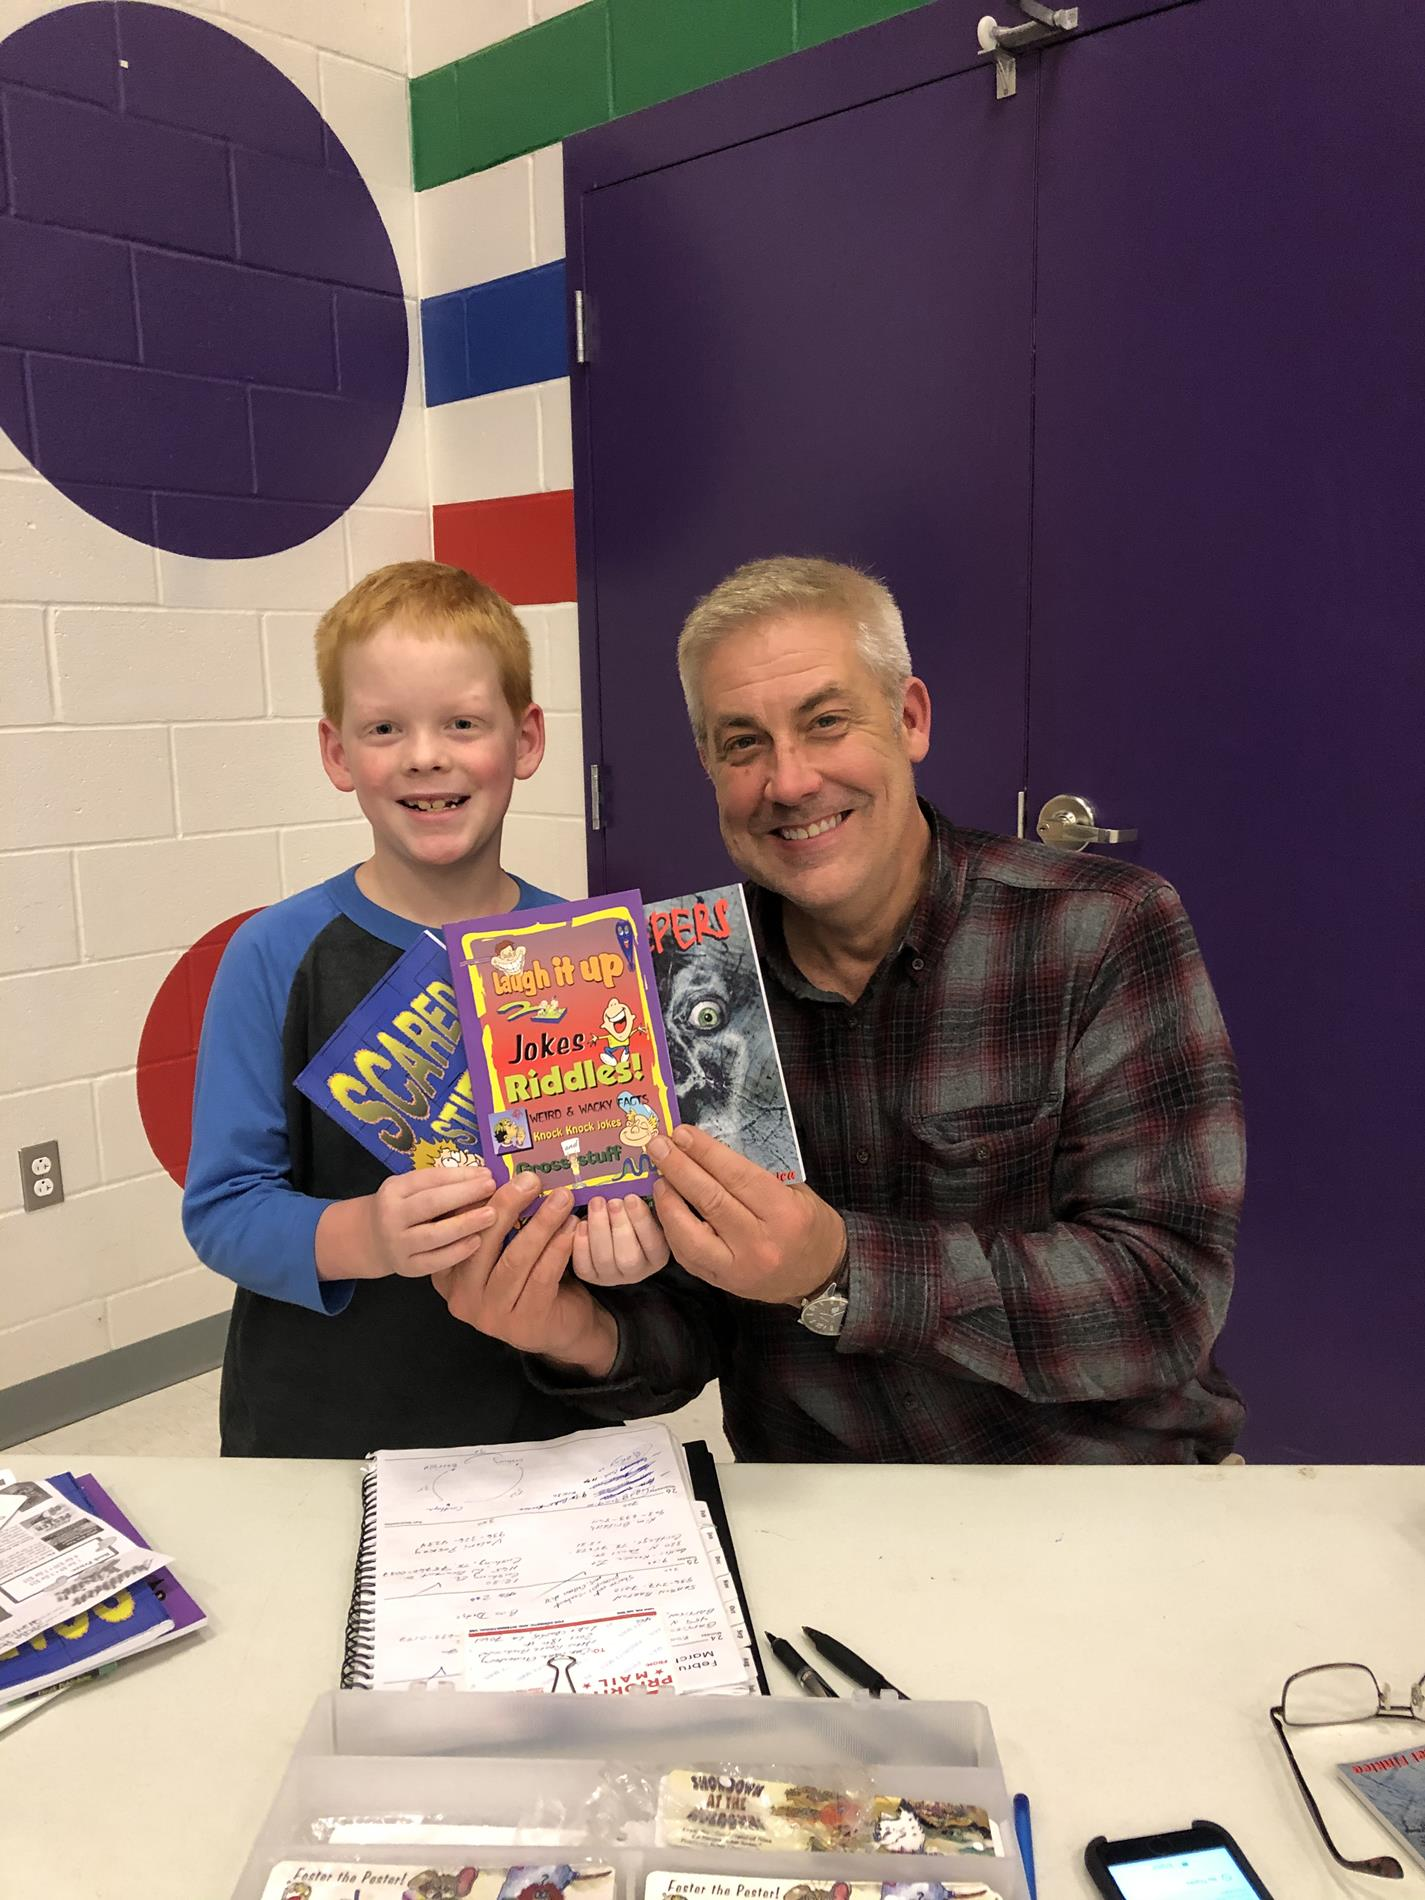 Mike Finklea and fan